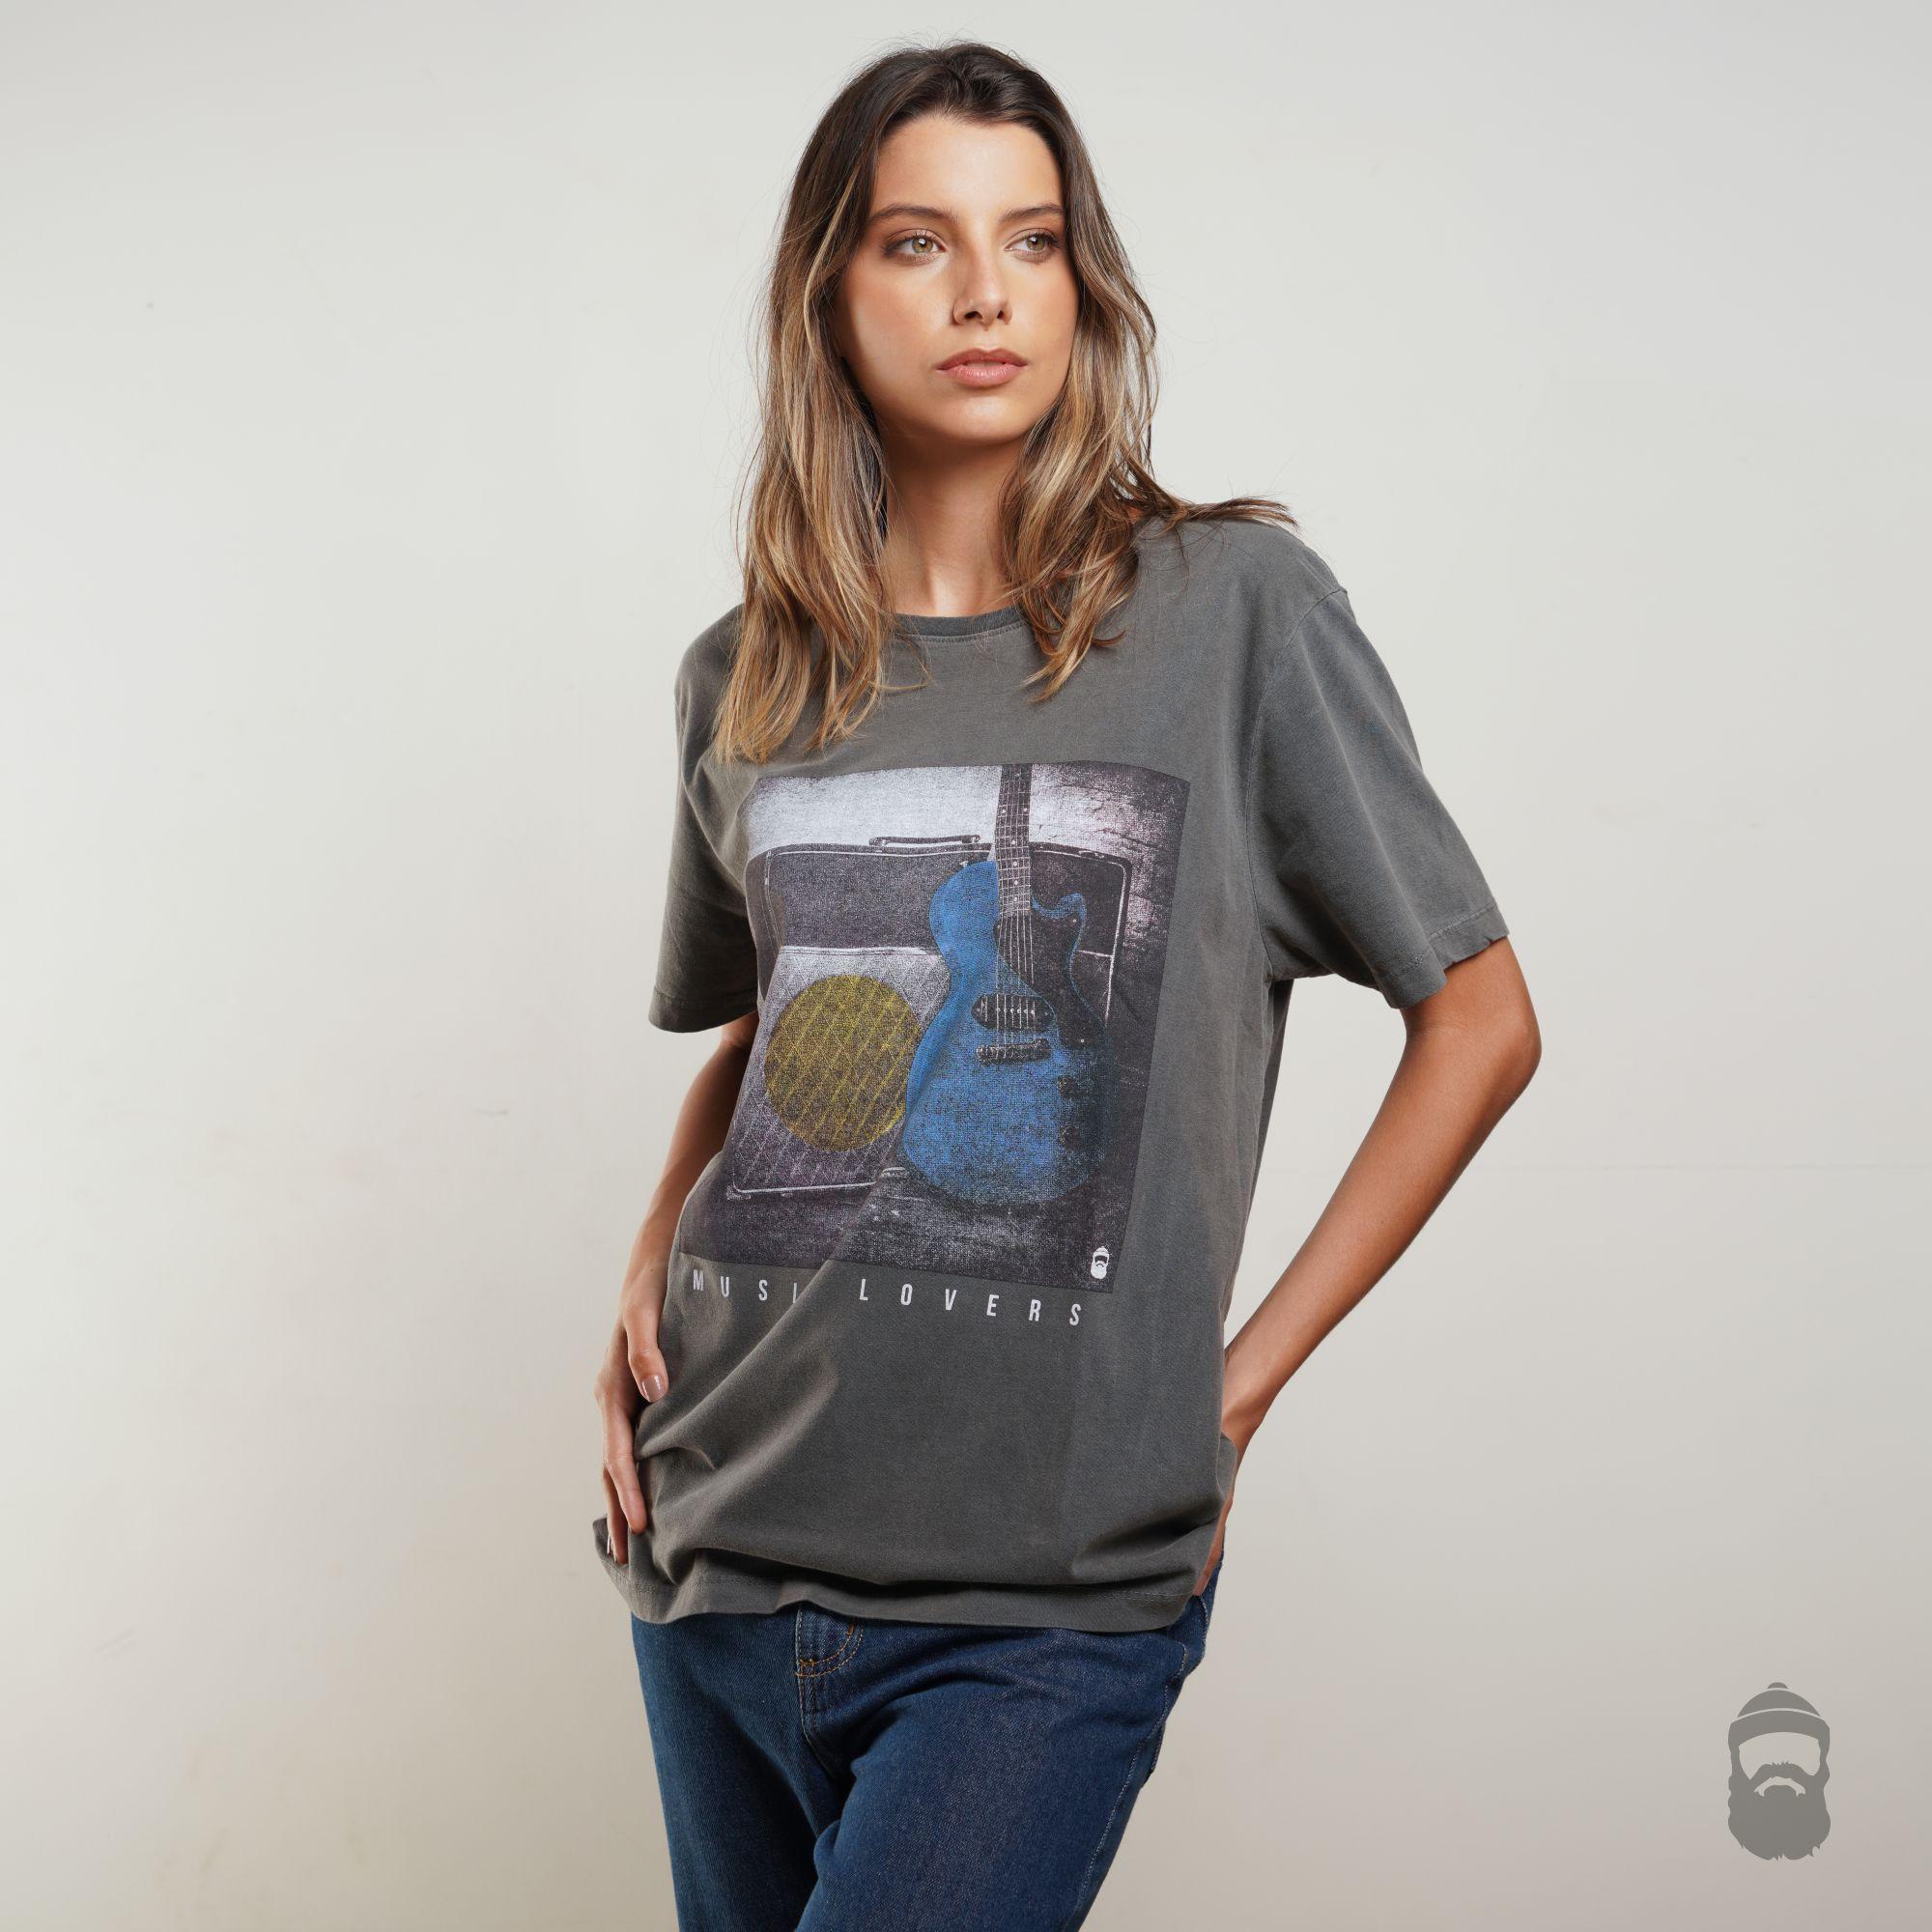 Camiseta Music Lovers Estonada Cinza